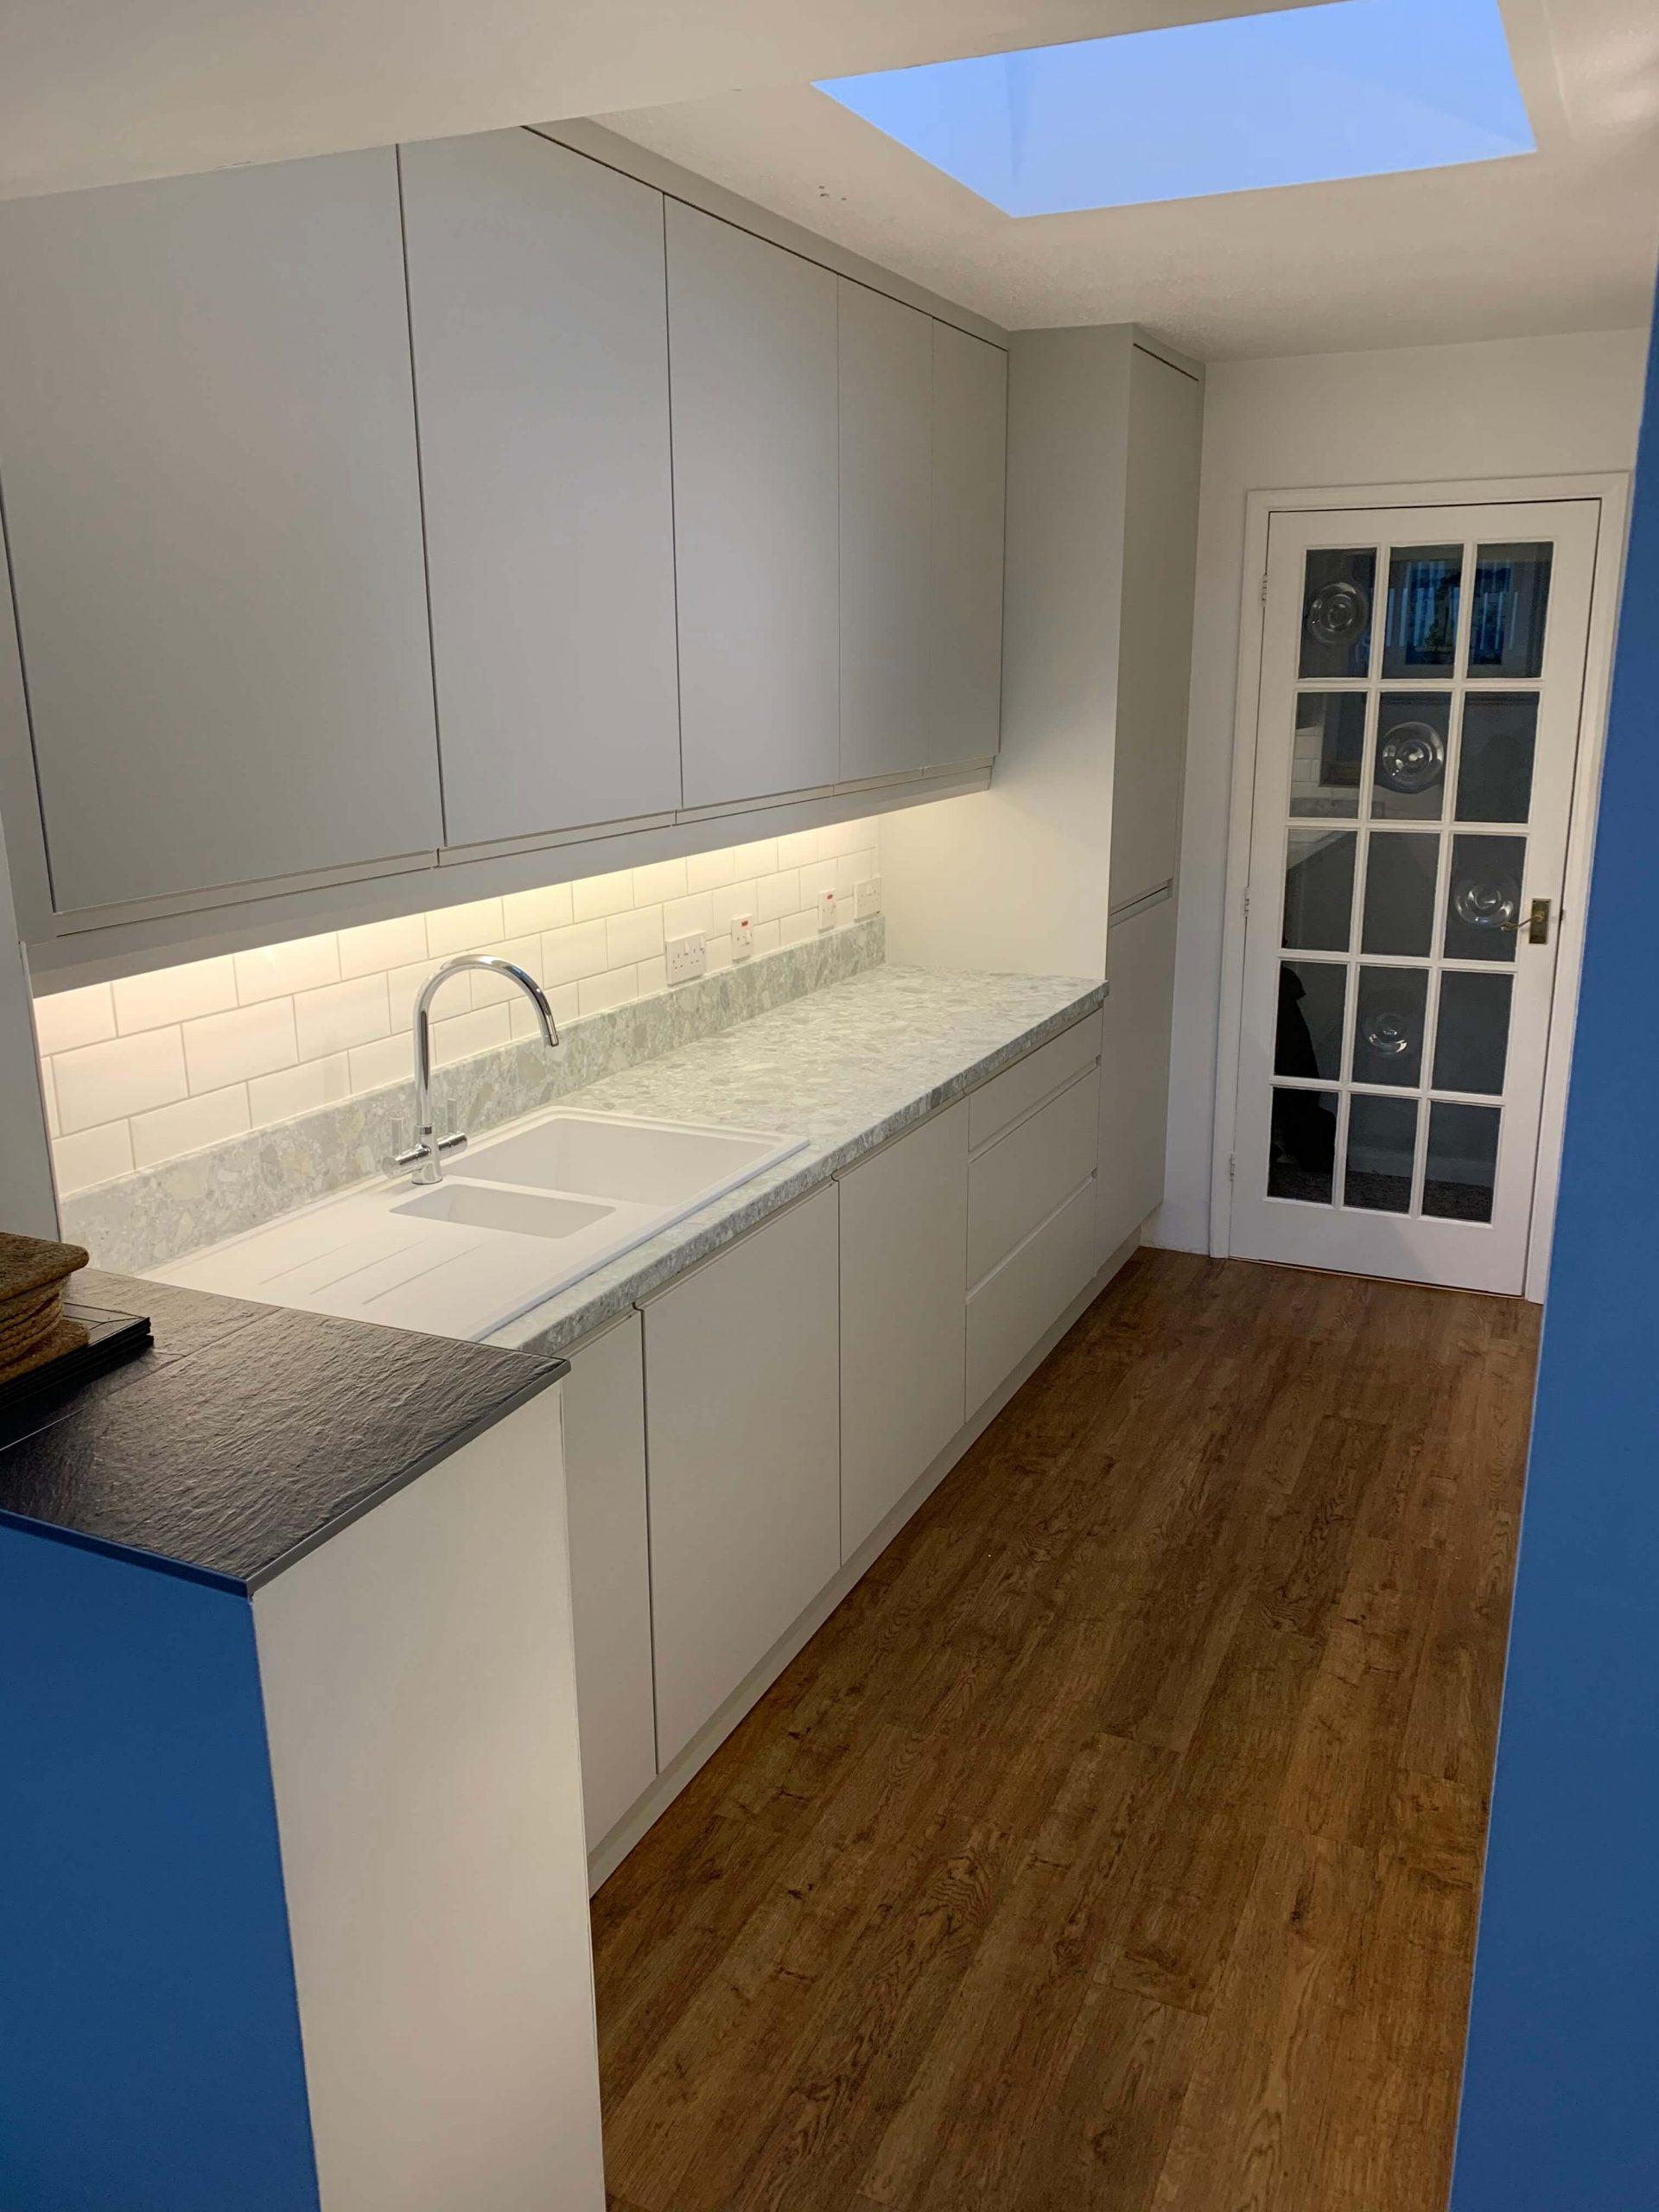 Handless Galley Kitchen